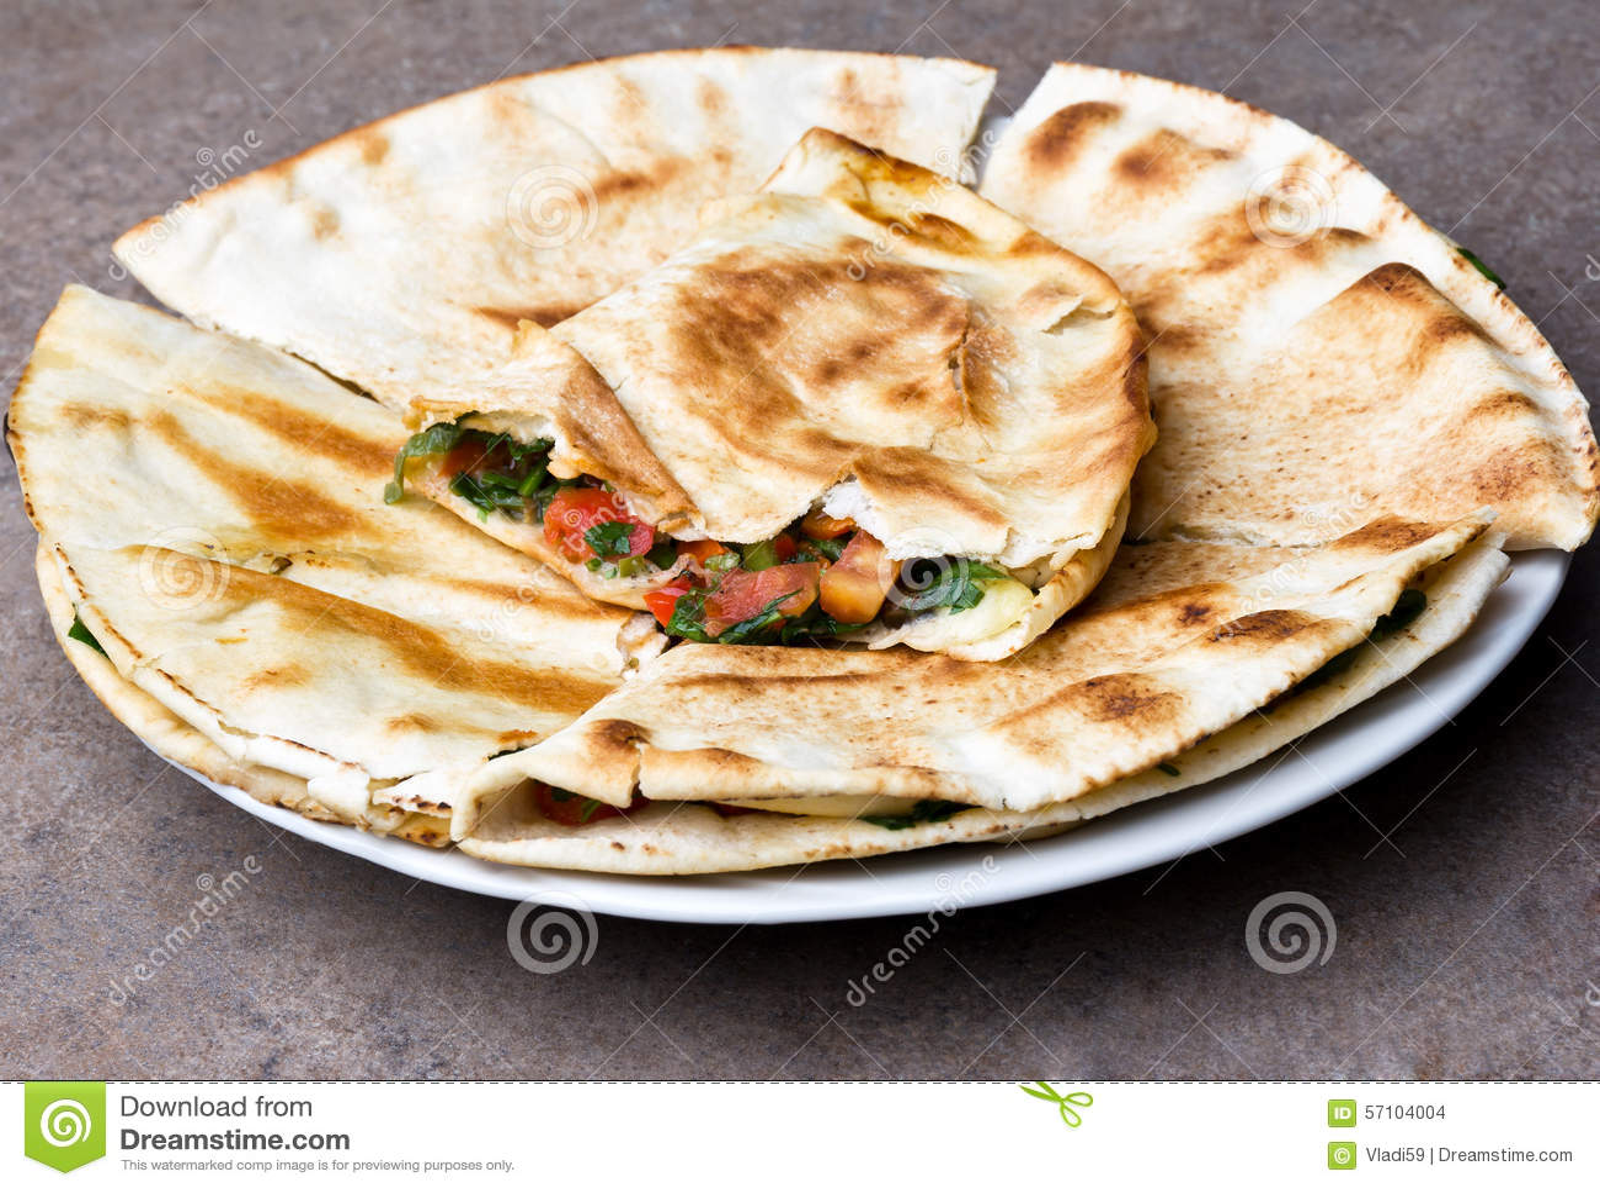 Mexicaanse quesadillas